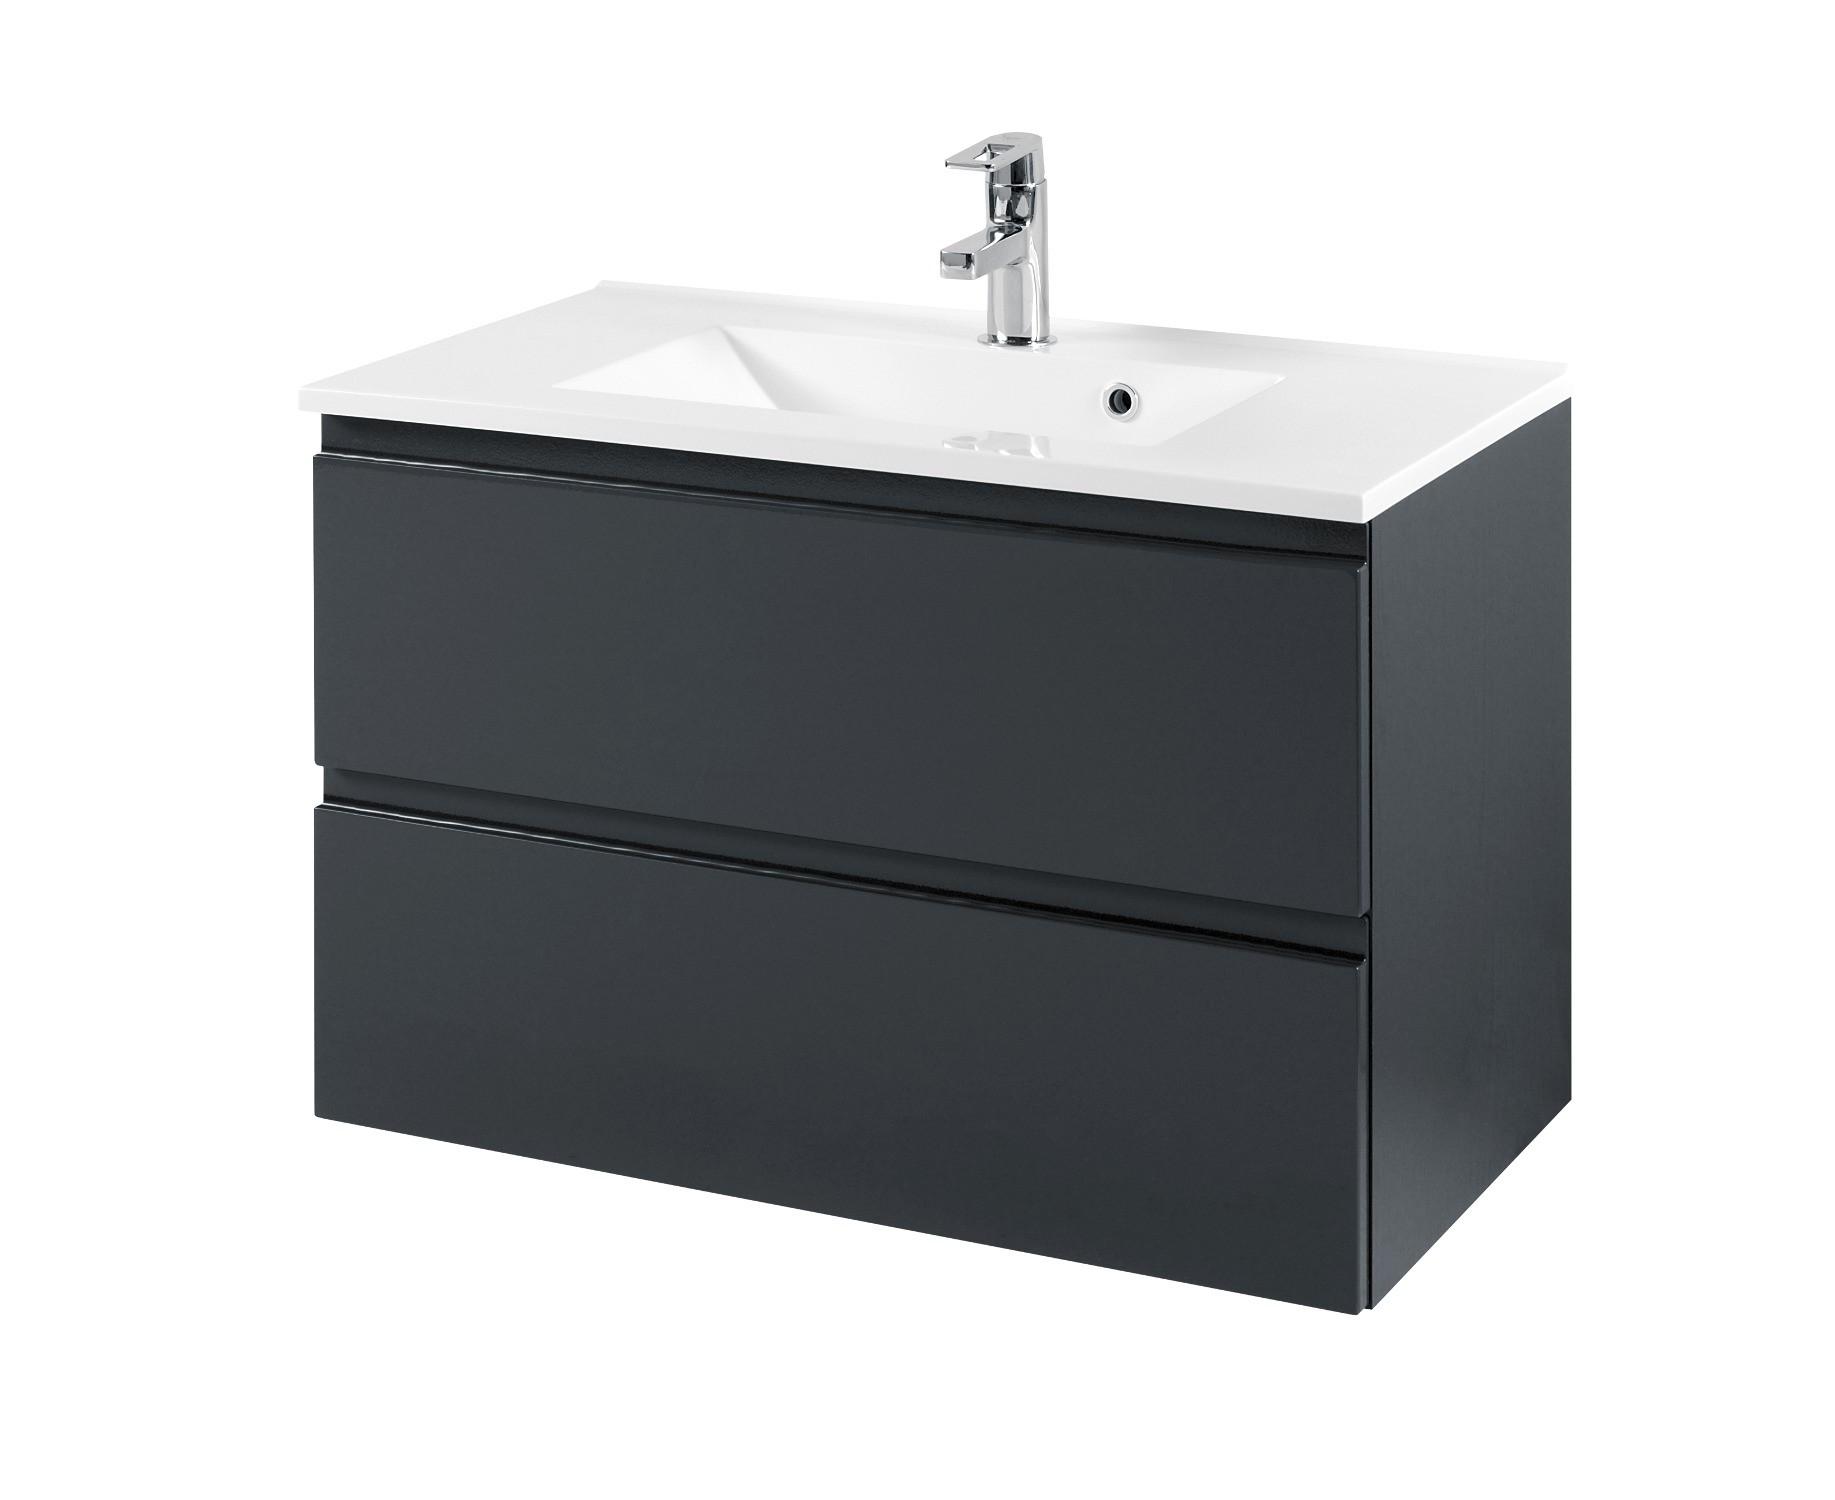 badm bel set cardiff mit waschtisch 7 teilig 160 cm breit hochglanz grau bad badm belsets. Black Bedroom Furniture Sets. Home Design Ideas